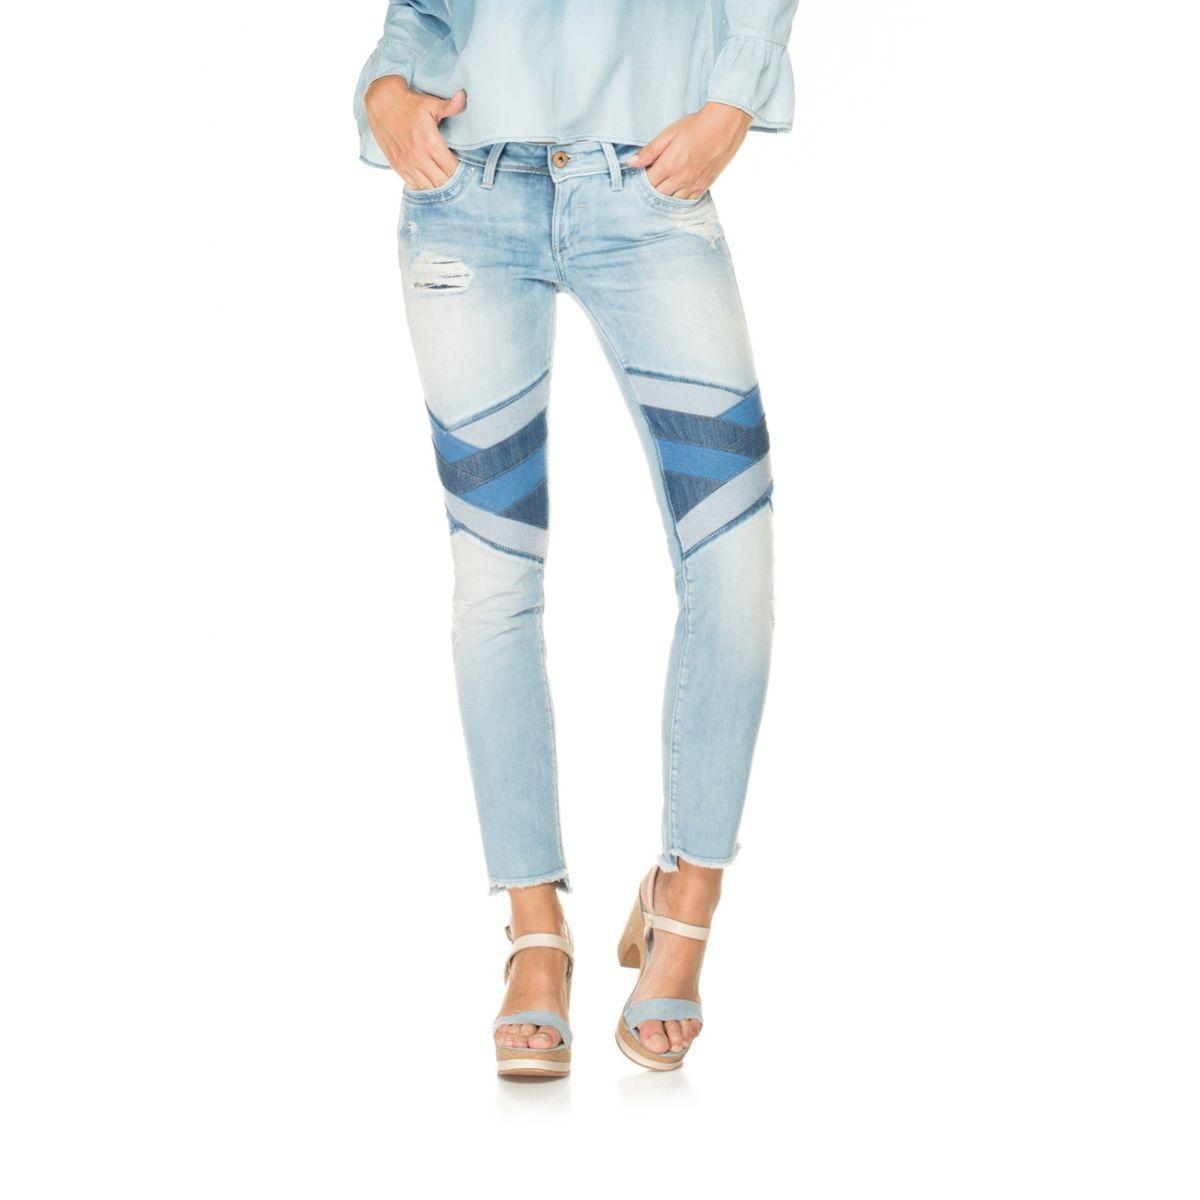 Pantalons Push Up avec ourlet asymétrique et dessin géométrique - Shape Up